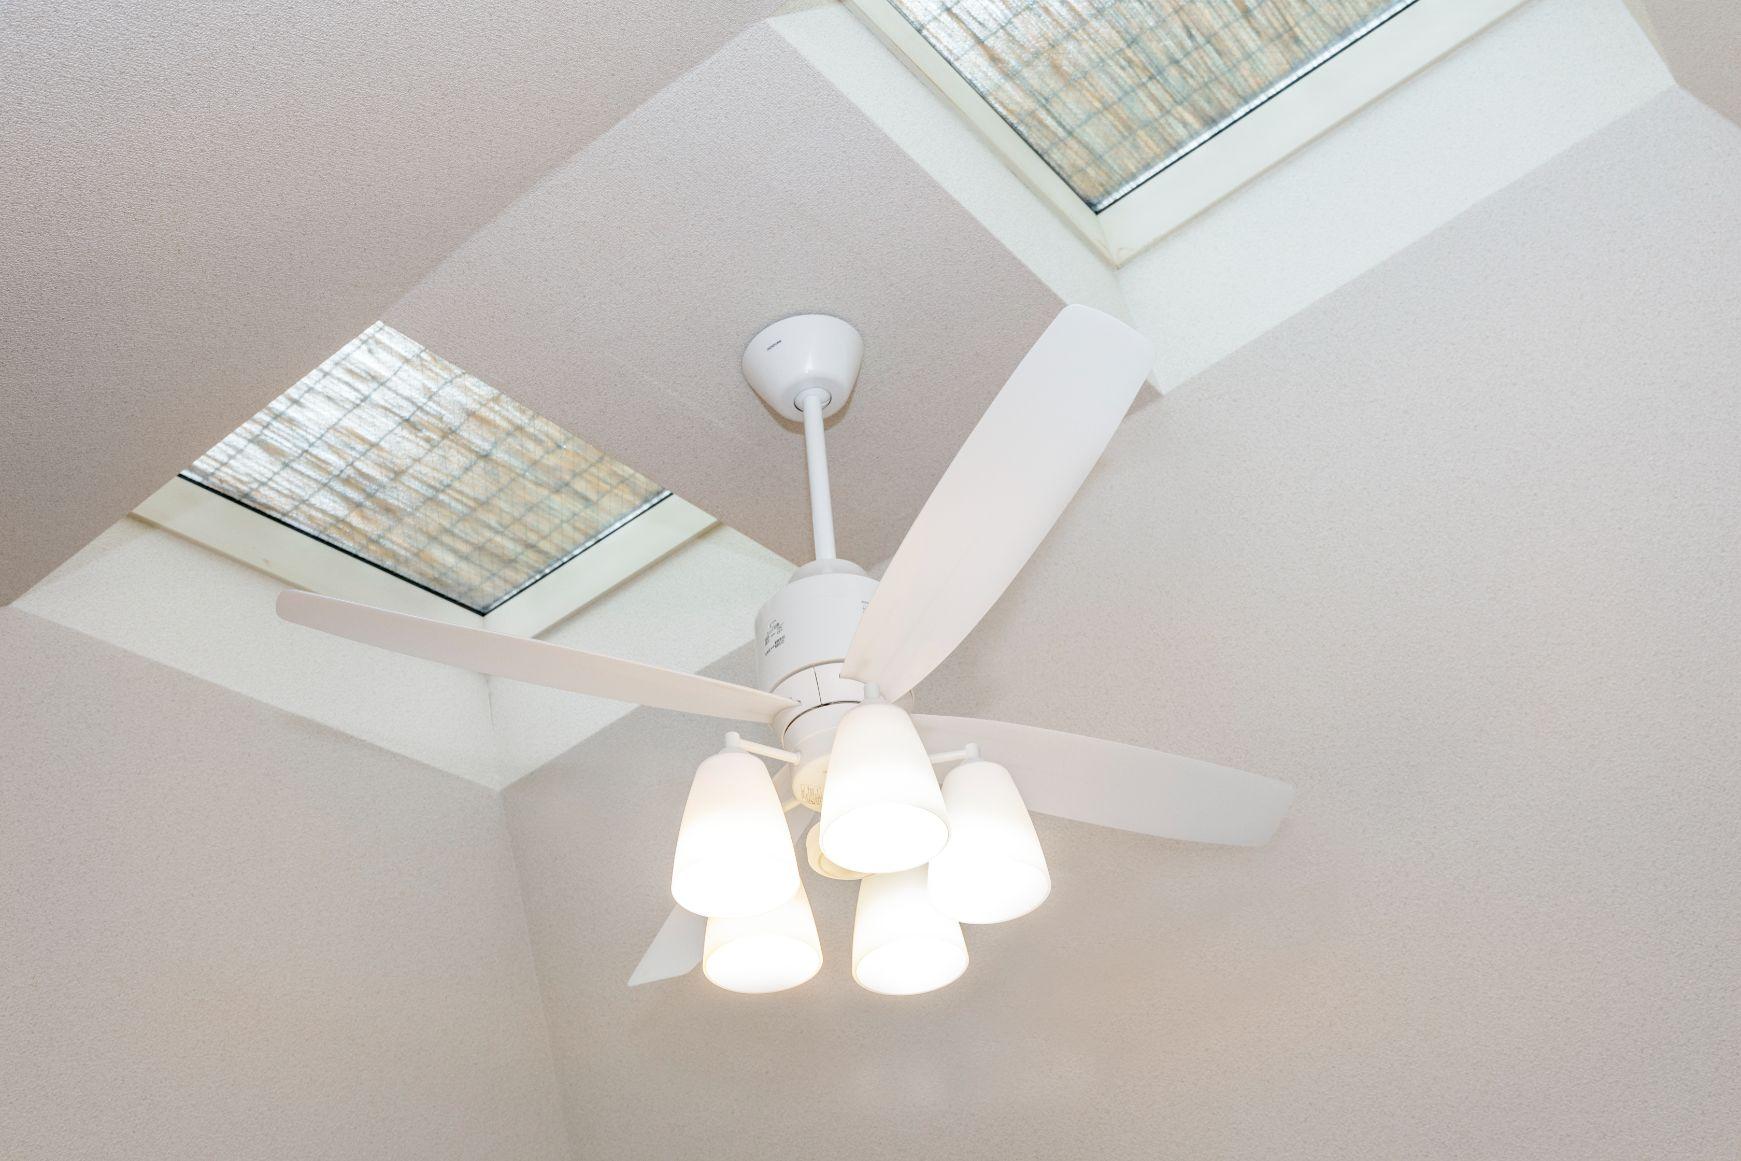 ファンつきシーリングライトで、上に溜まりやすい暖かい空気と下に溜まりやすい冷たい空気を循環。冷暖房効率を向上させます。